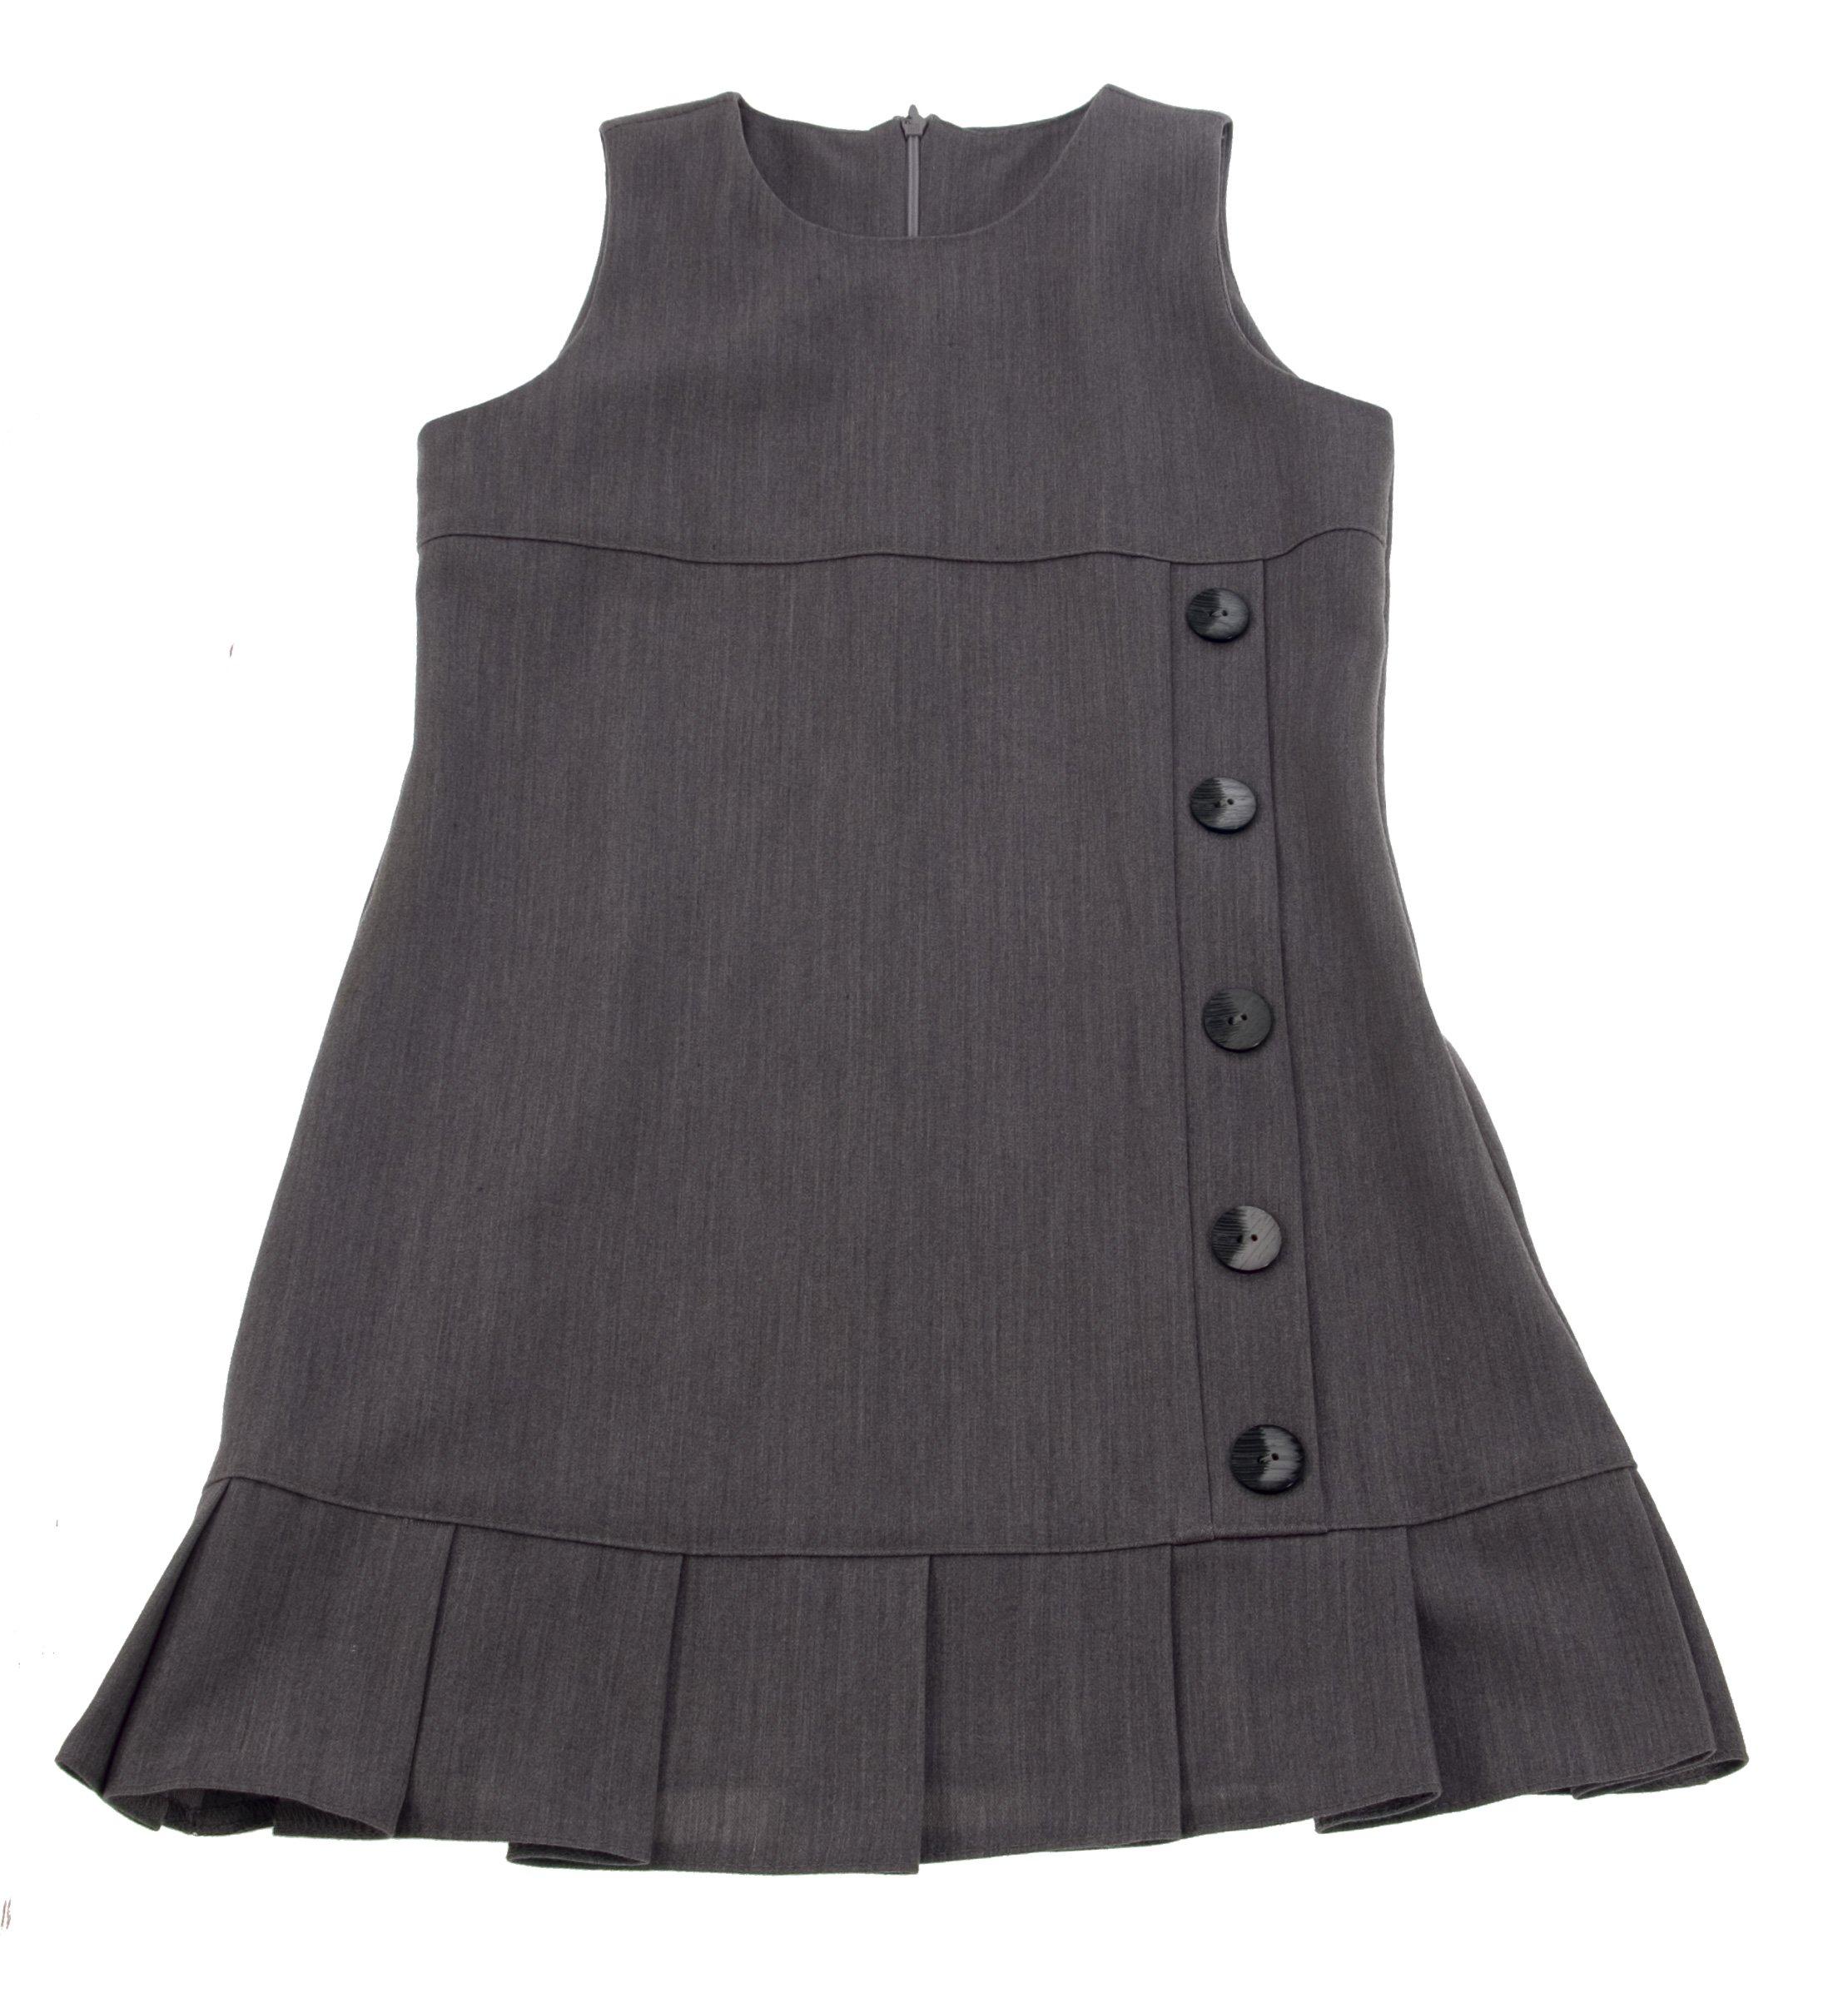 Spoleèenská šatová suknì velikost 110-122 VÝPRODEJ